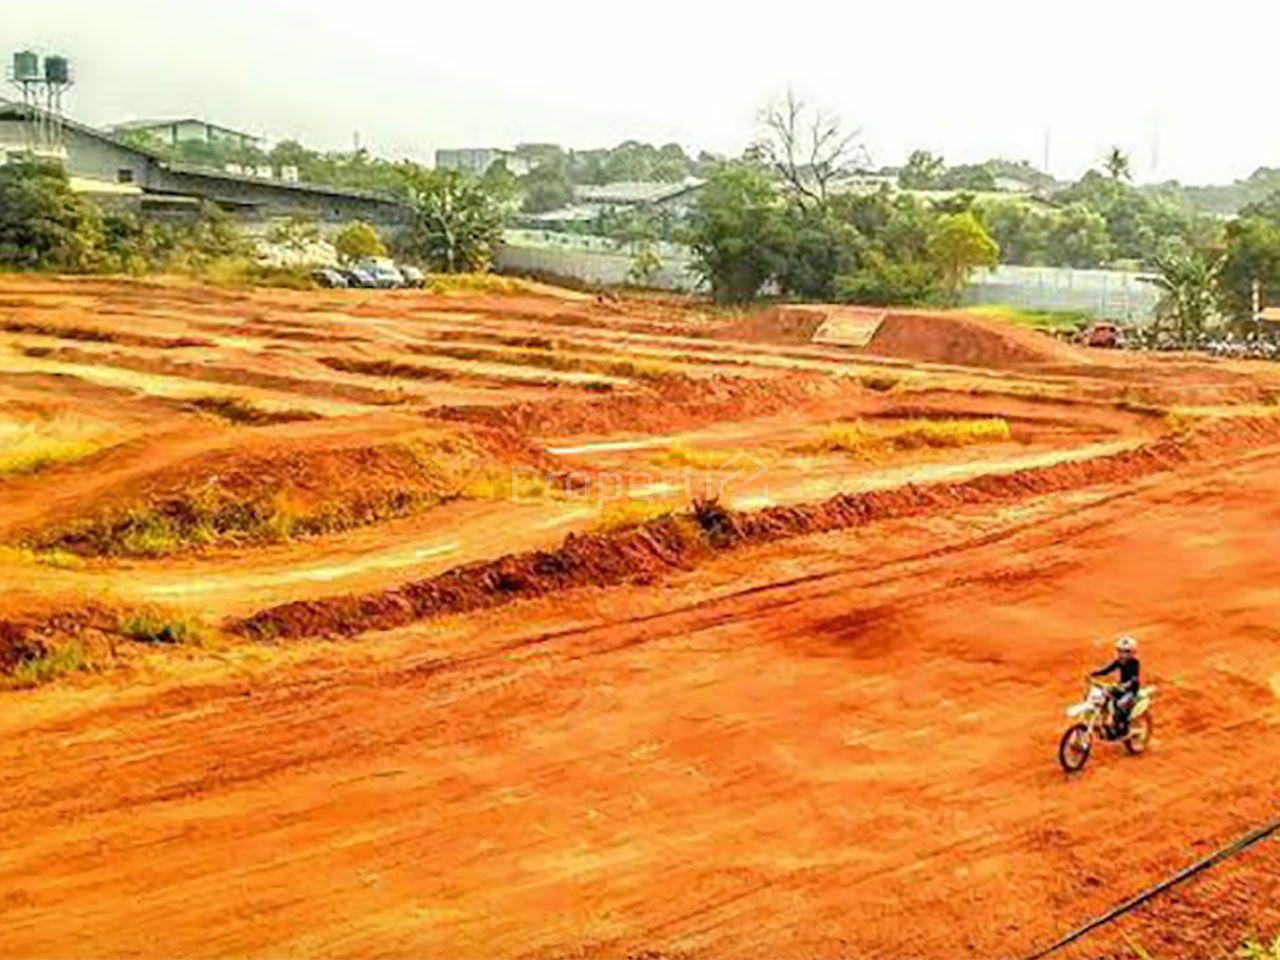 Land for Industrial in Bantar Gebang, Jawa Barat